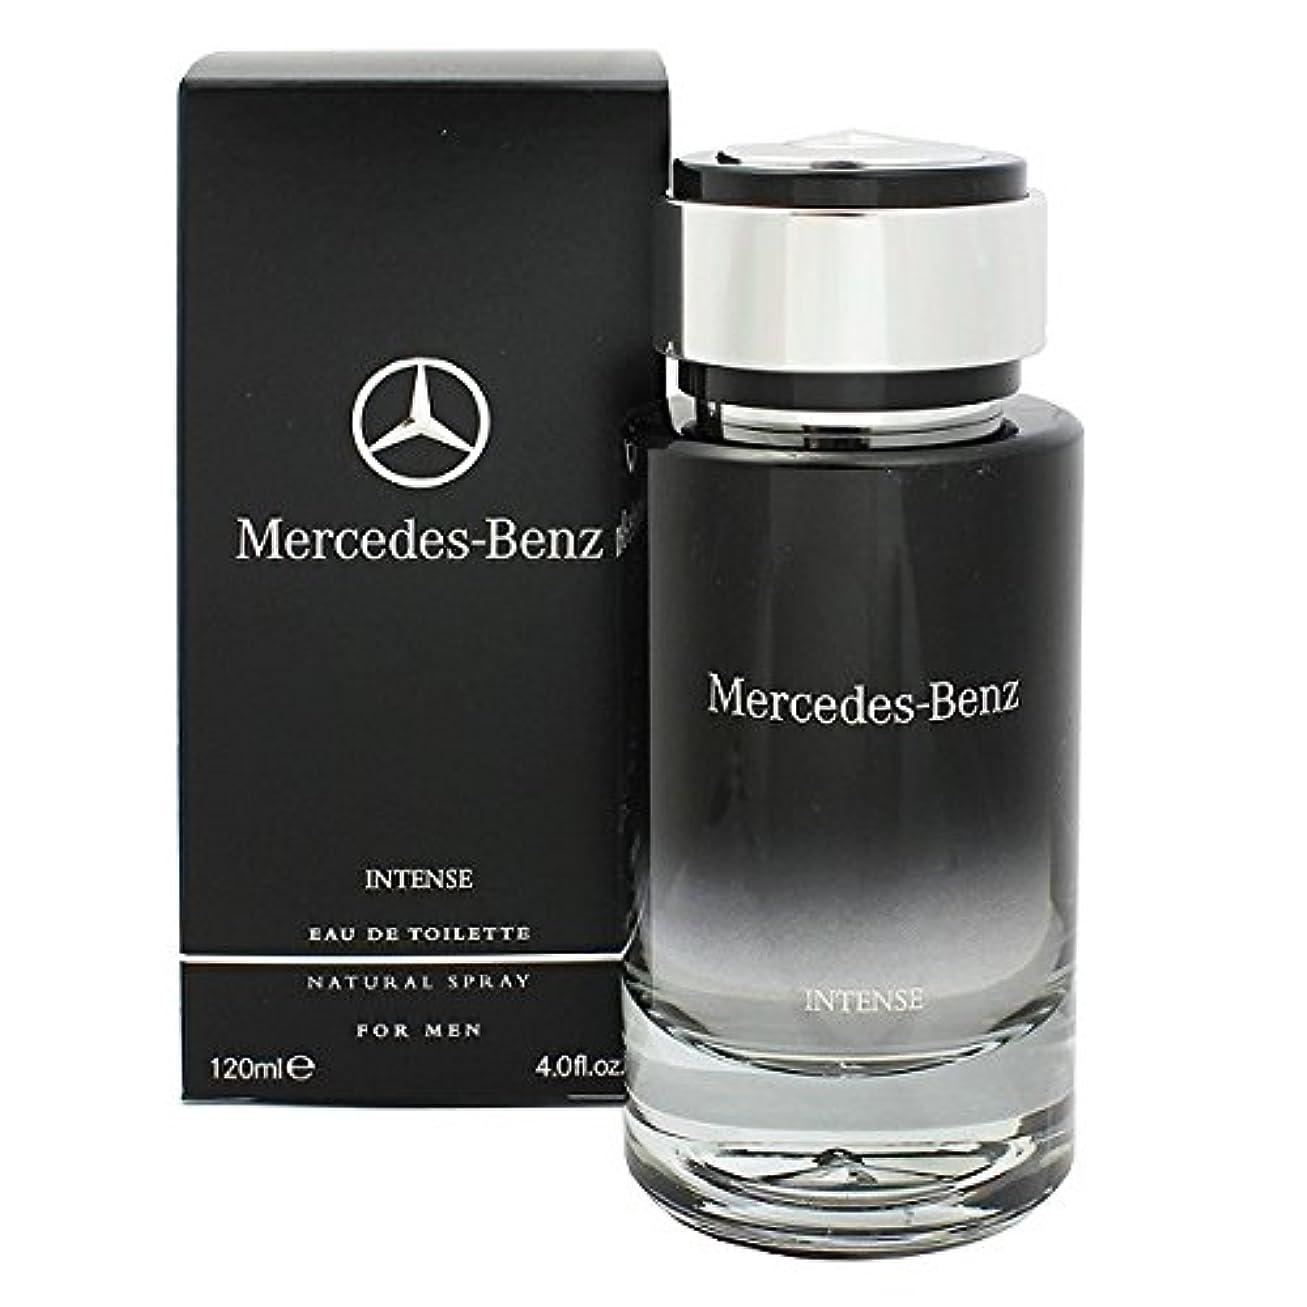 シャンパンふけるクラシカルMercedes-Benz Intense (メルセデス ベンツ インテンス) 4.0 oz (120ml) EDT Spray for Men